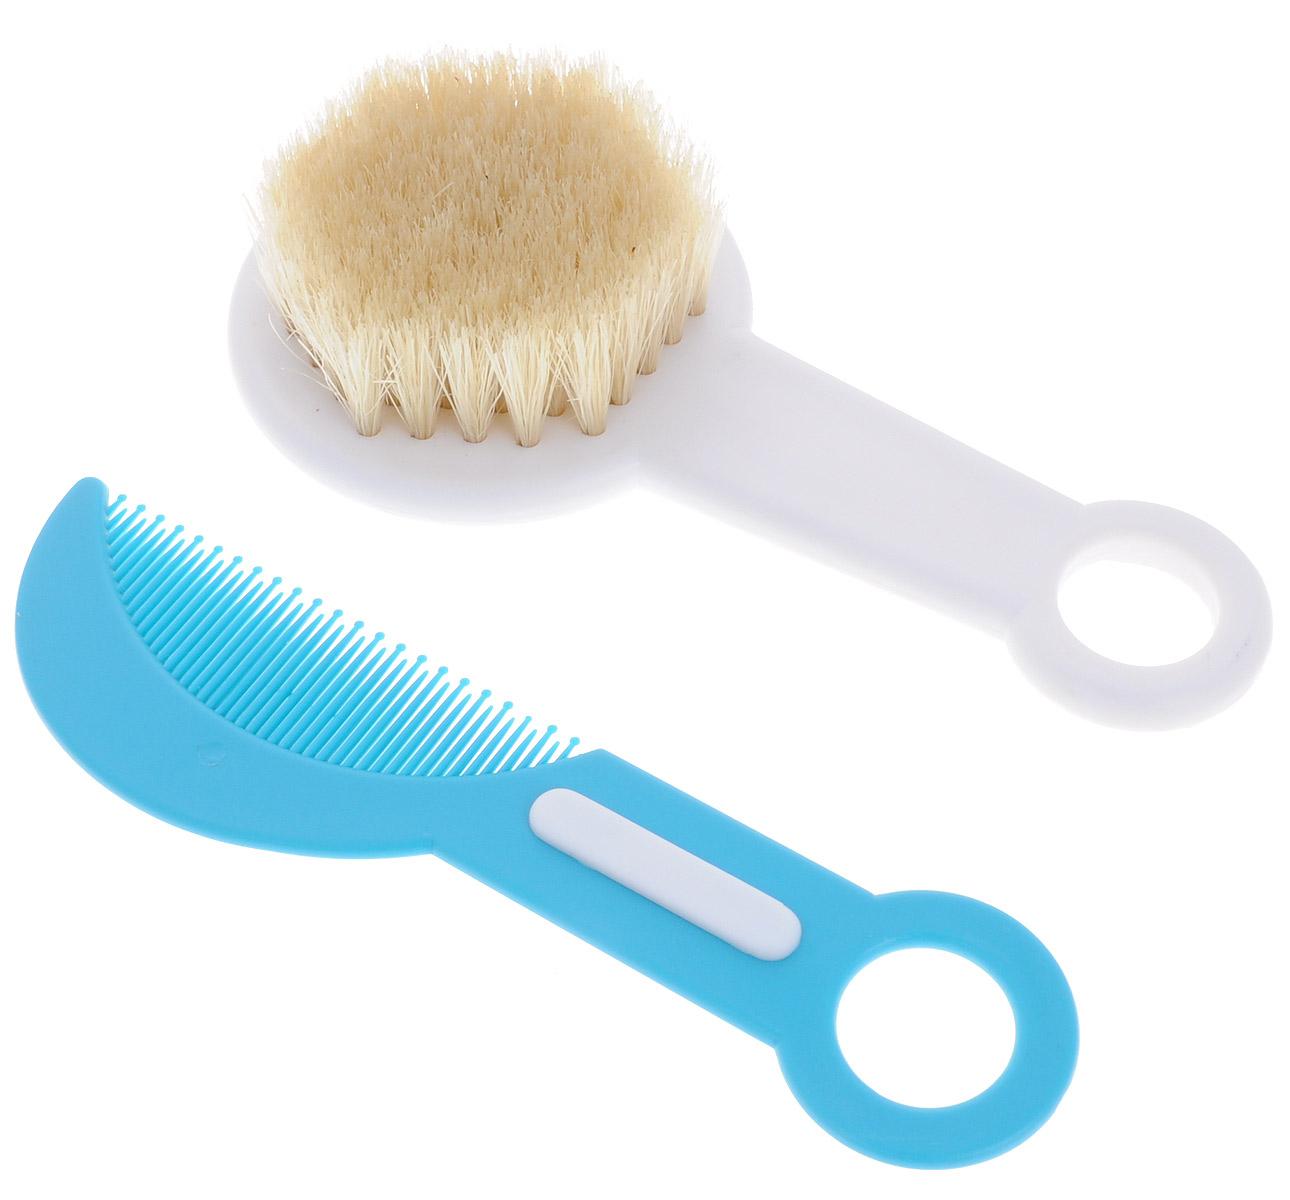 Bibi Детская расческа и щетка для волос